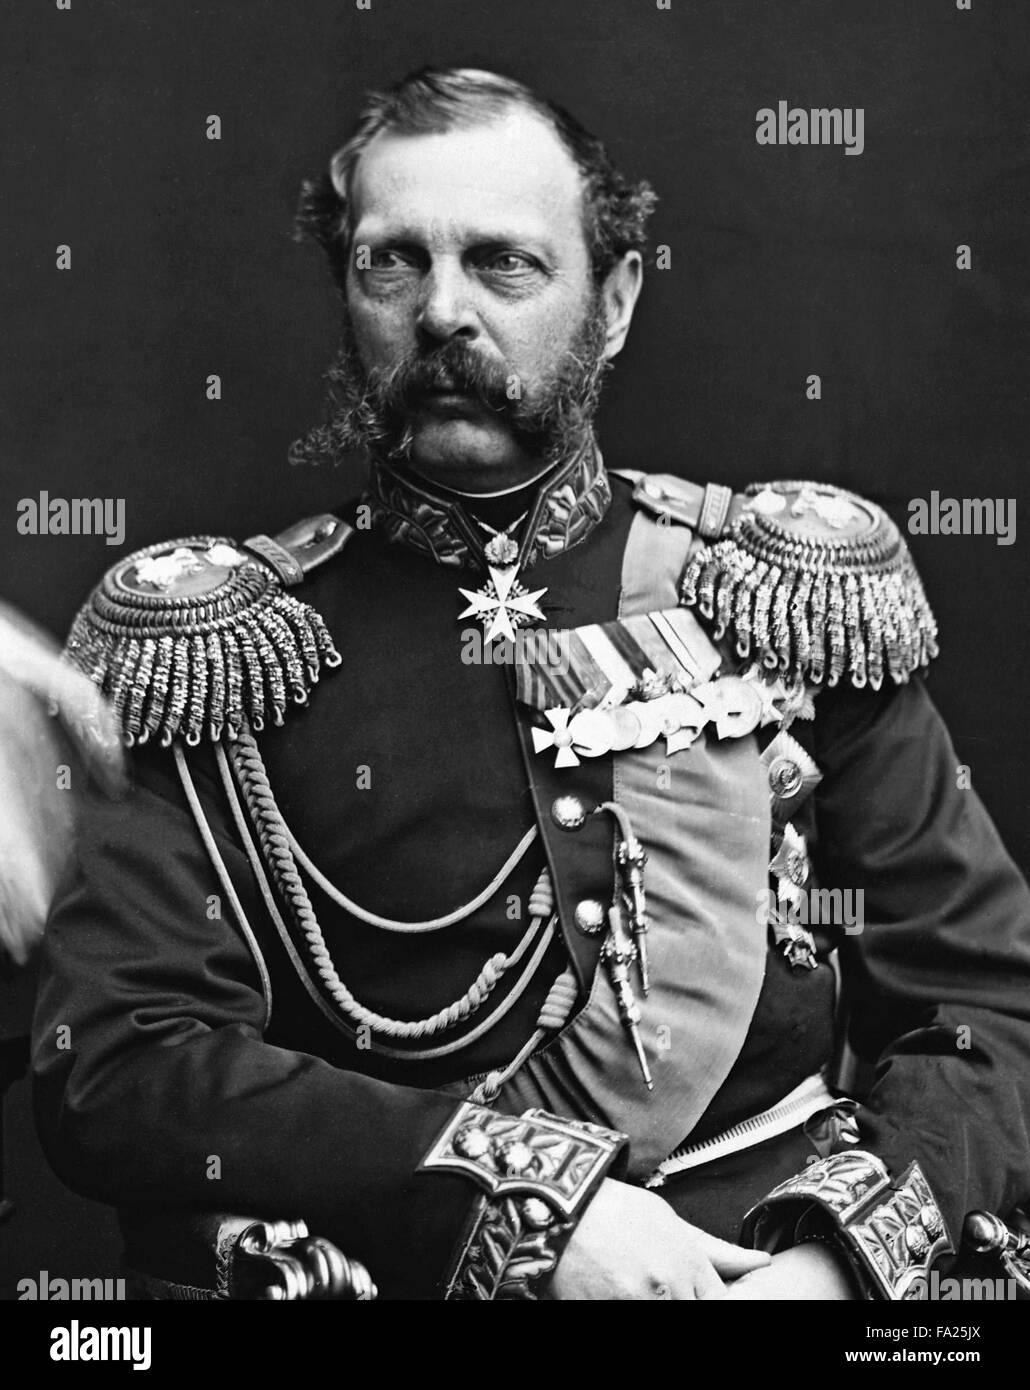 Alexander II, Emperor of Russia from 1855. - Stock Image